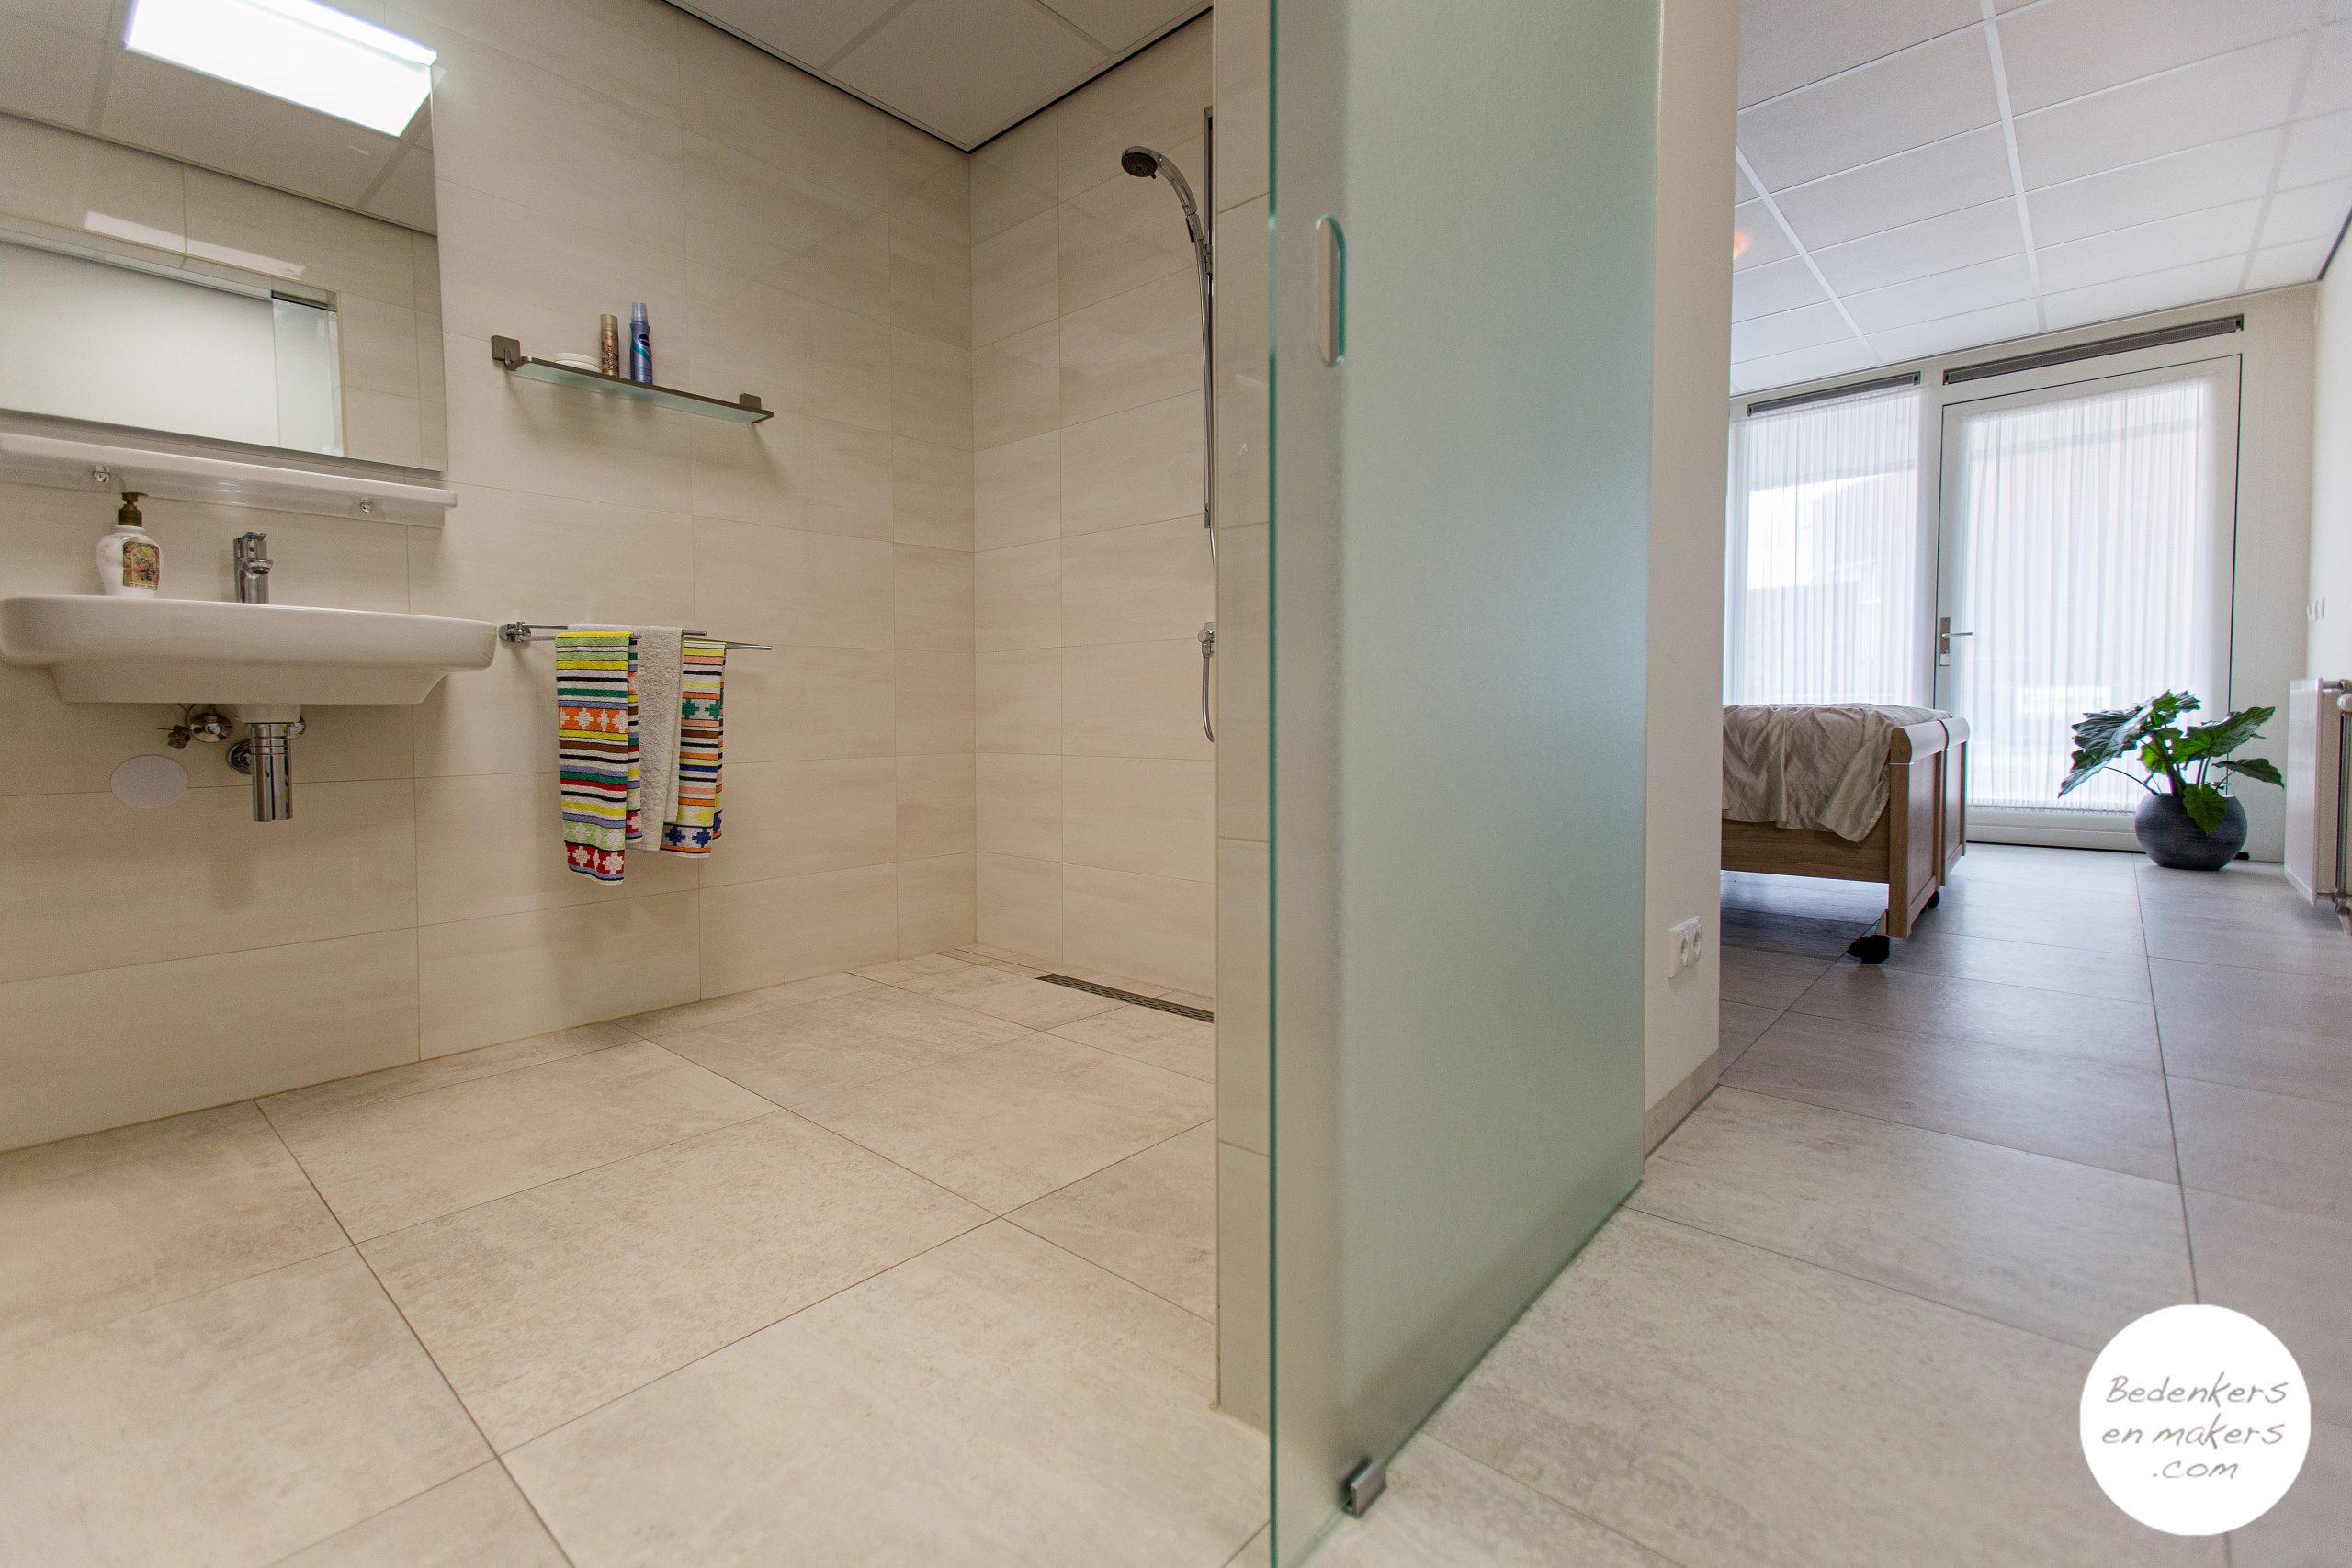 De levensloopbestendig verbouwde badkamer grenst aan de slaapkamer op de begane grond en is met een schuifdeur afgescheiden S20C215101